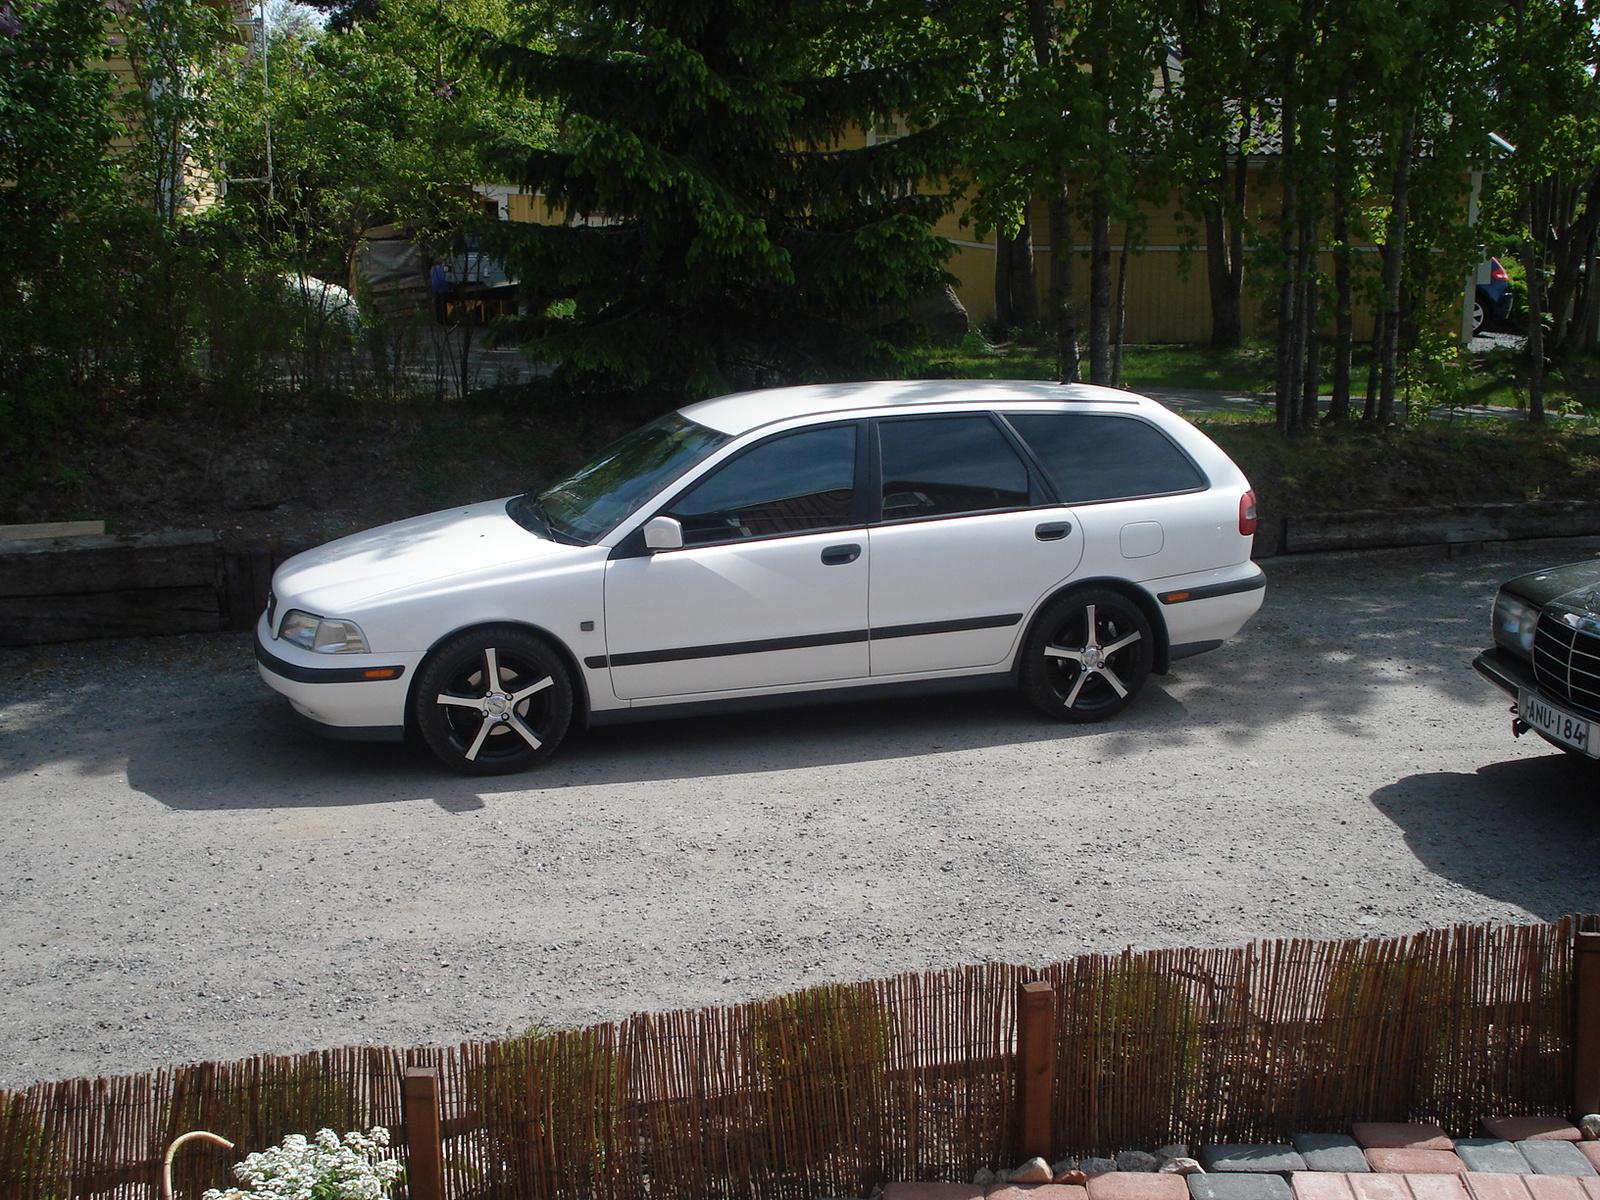 2000 Volvo V40 #15 Volvo V40 #15